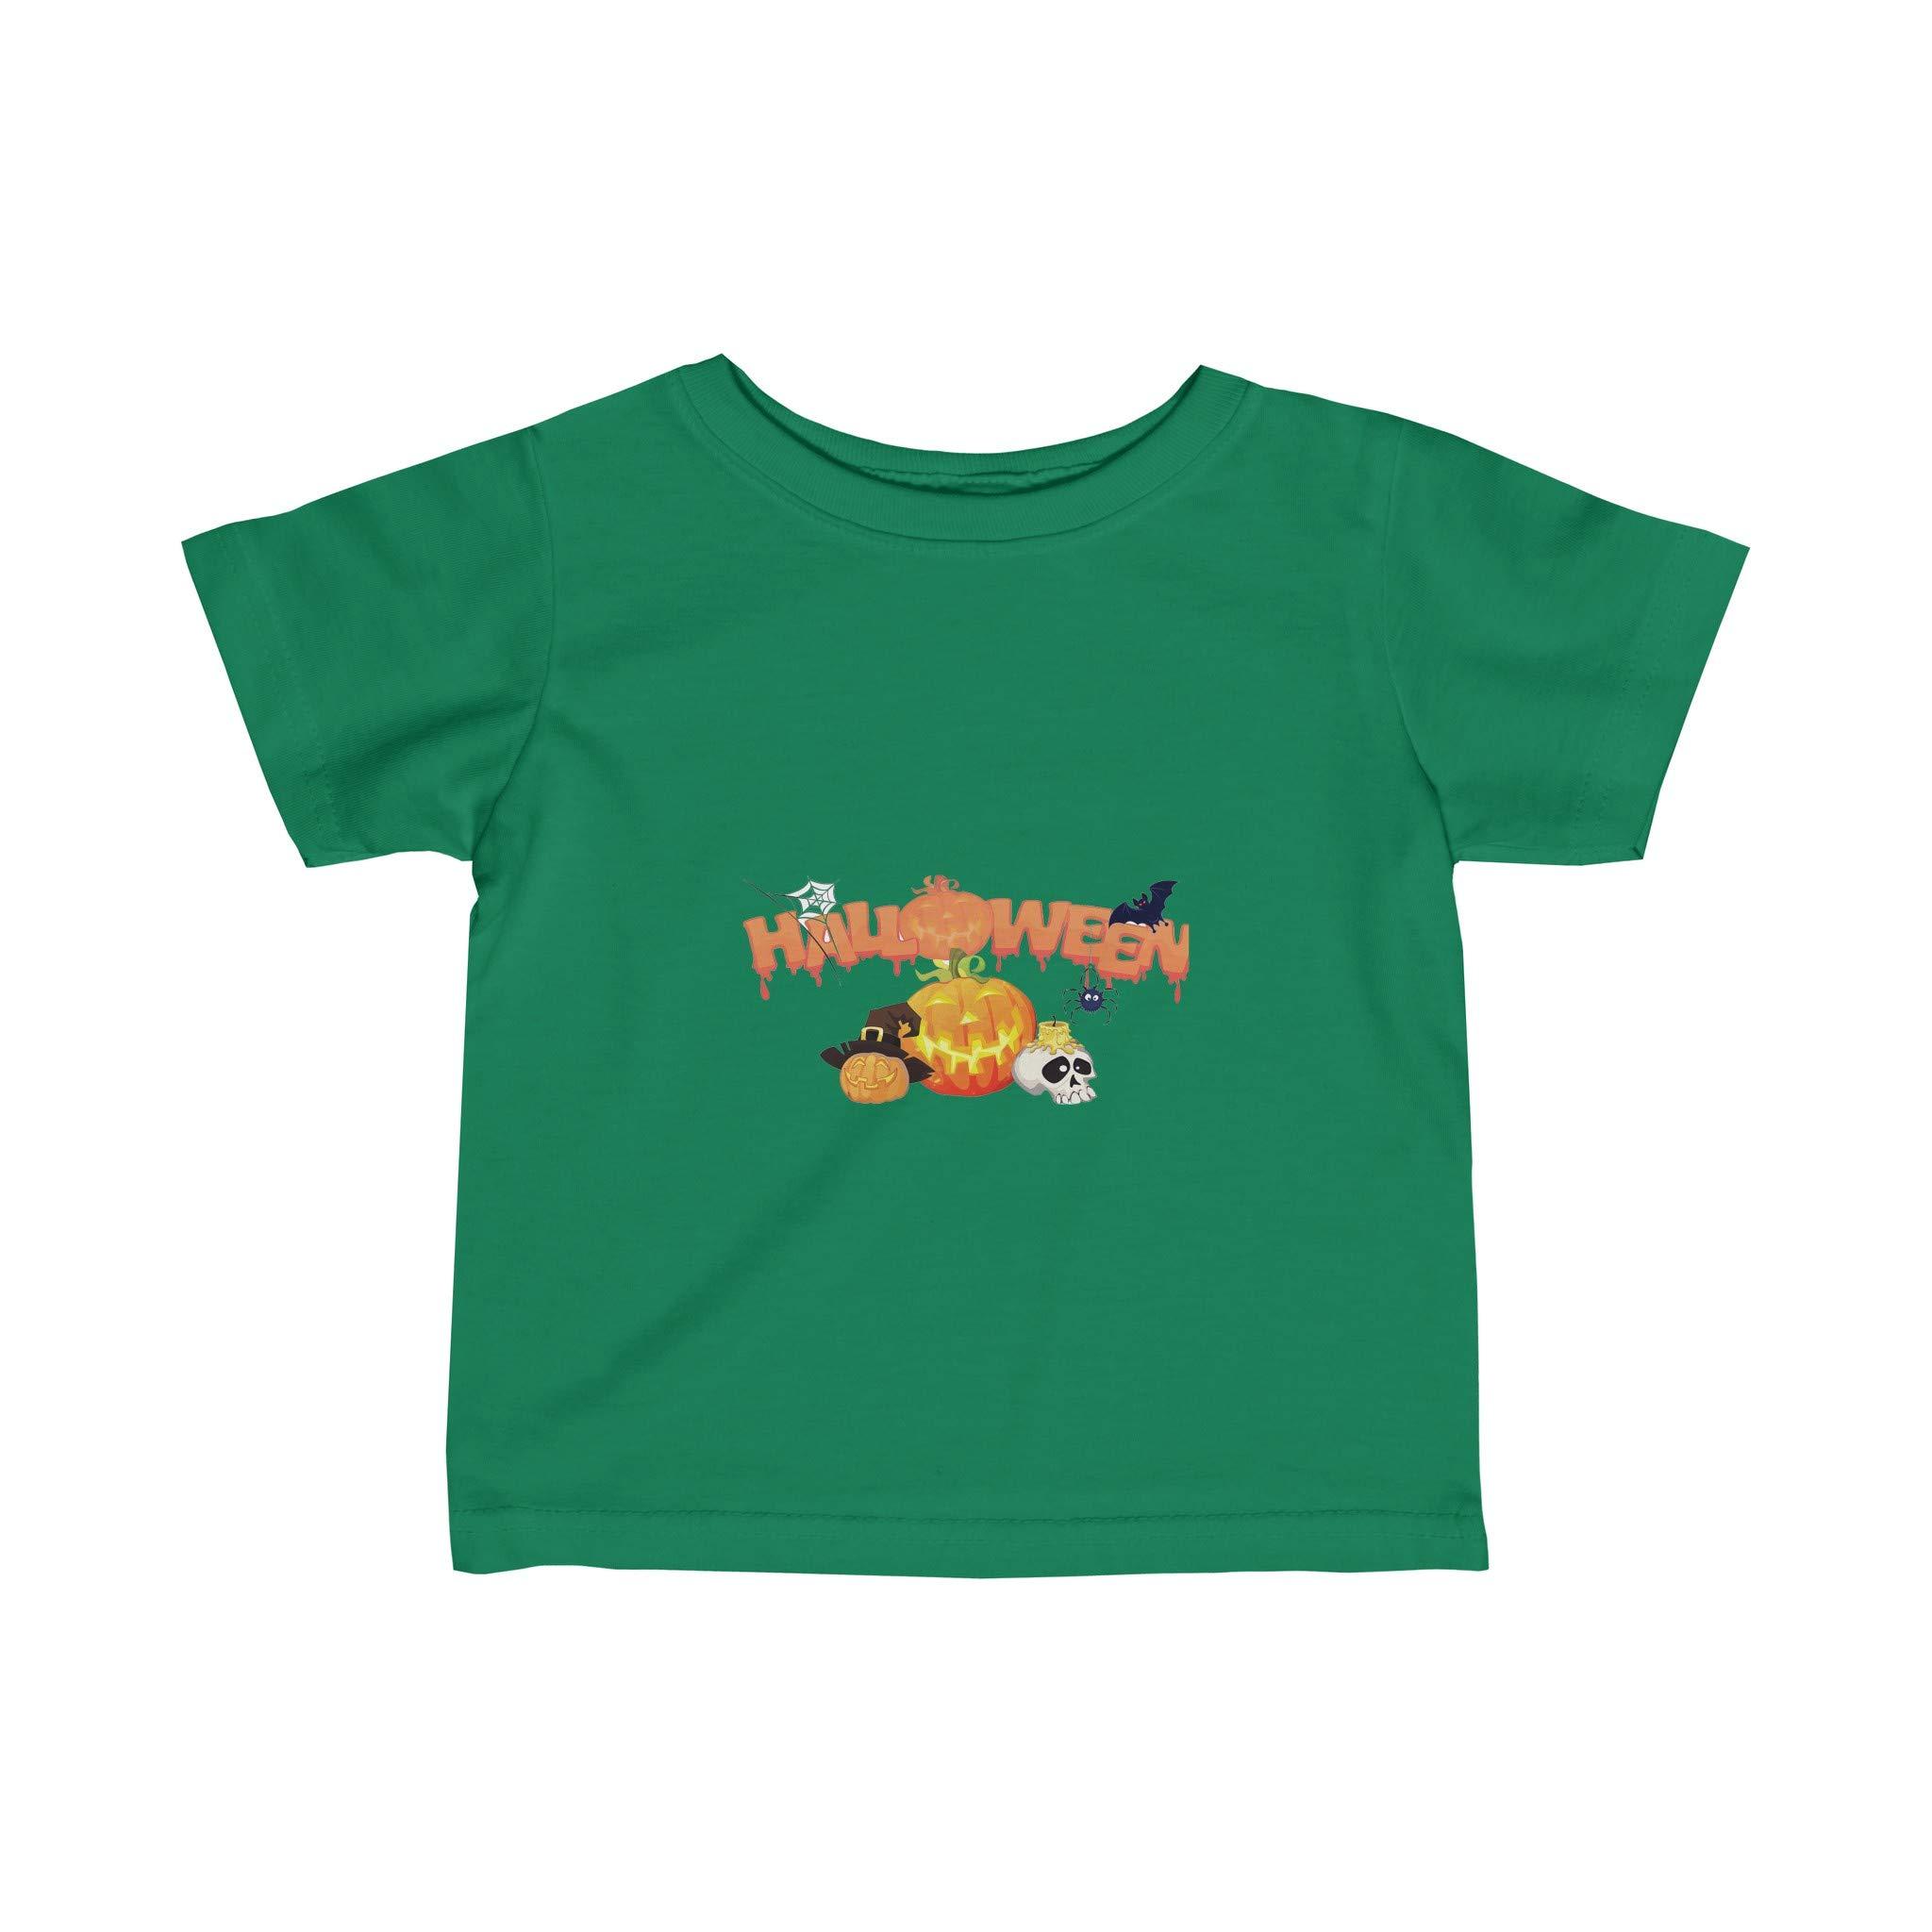 VioletsAreRedGifts Halloween Infant Fine Jersey Tee, Halloween Kid Shirt, Costume Shirt, Halloween Top (12m, Kelly)